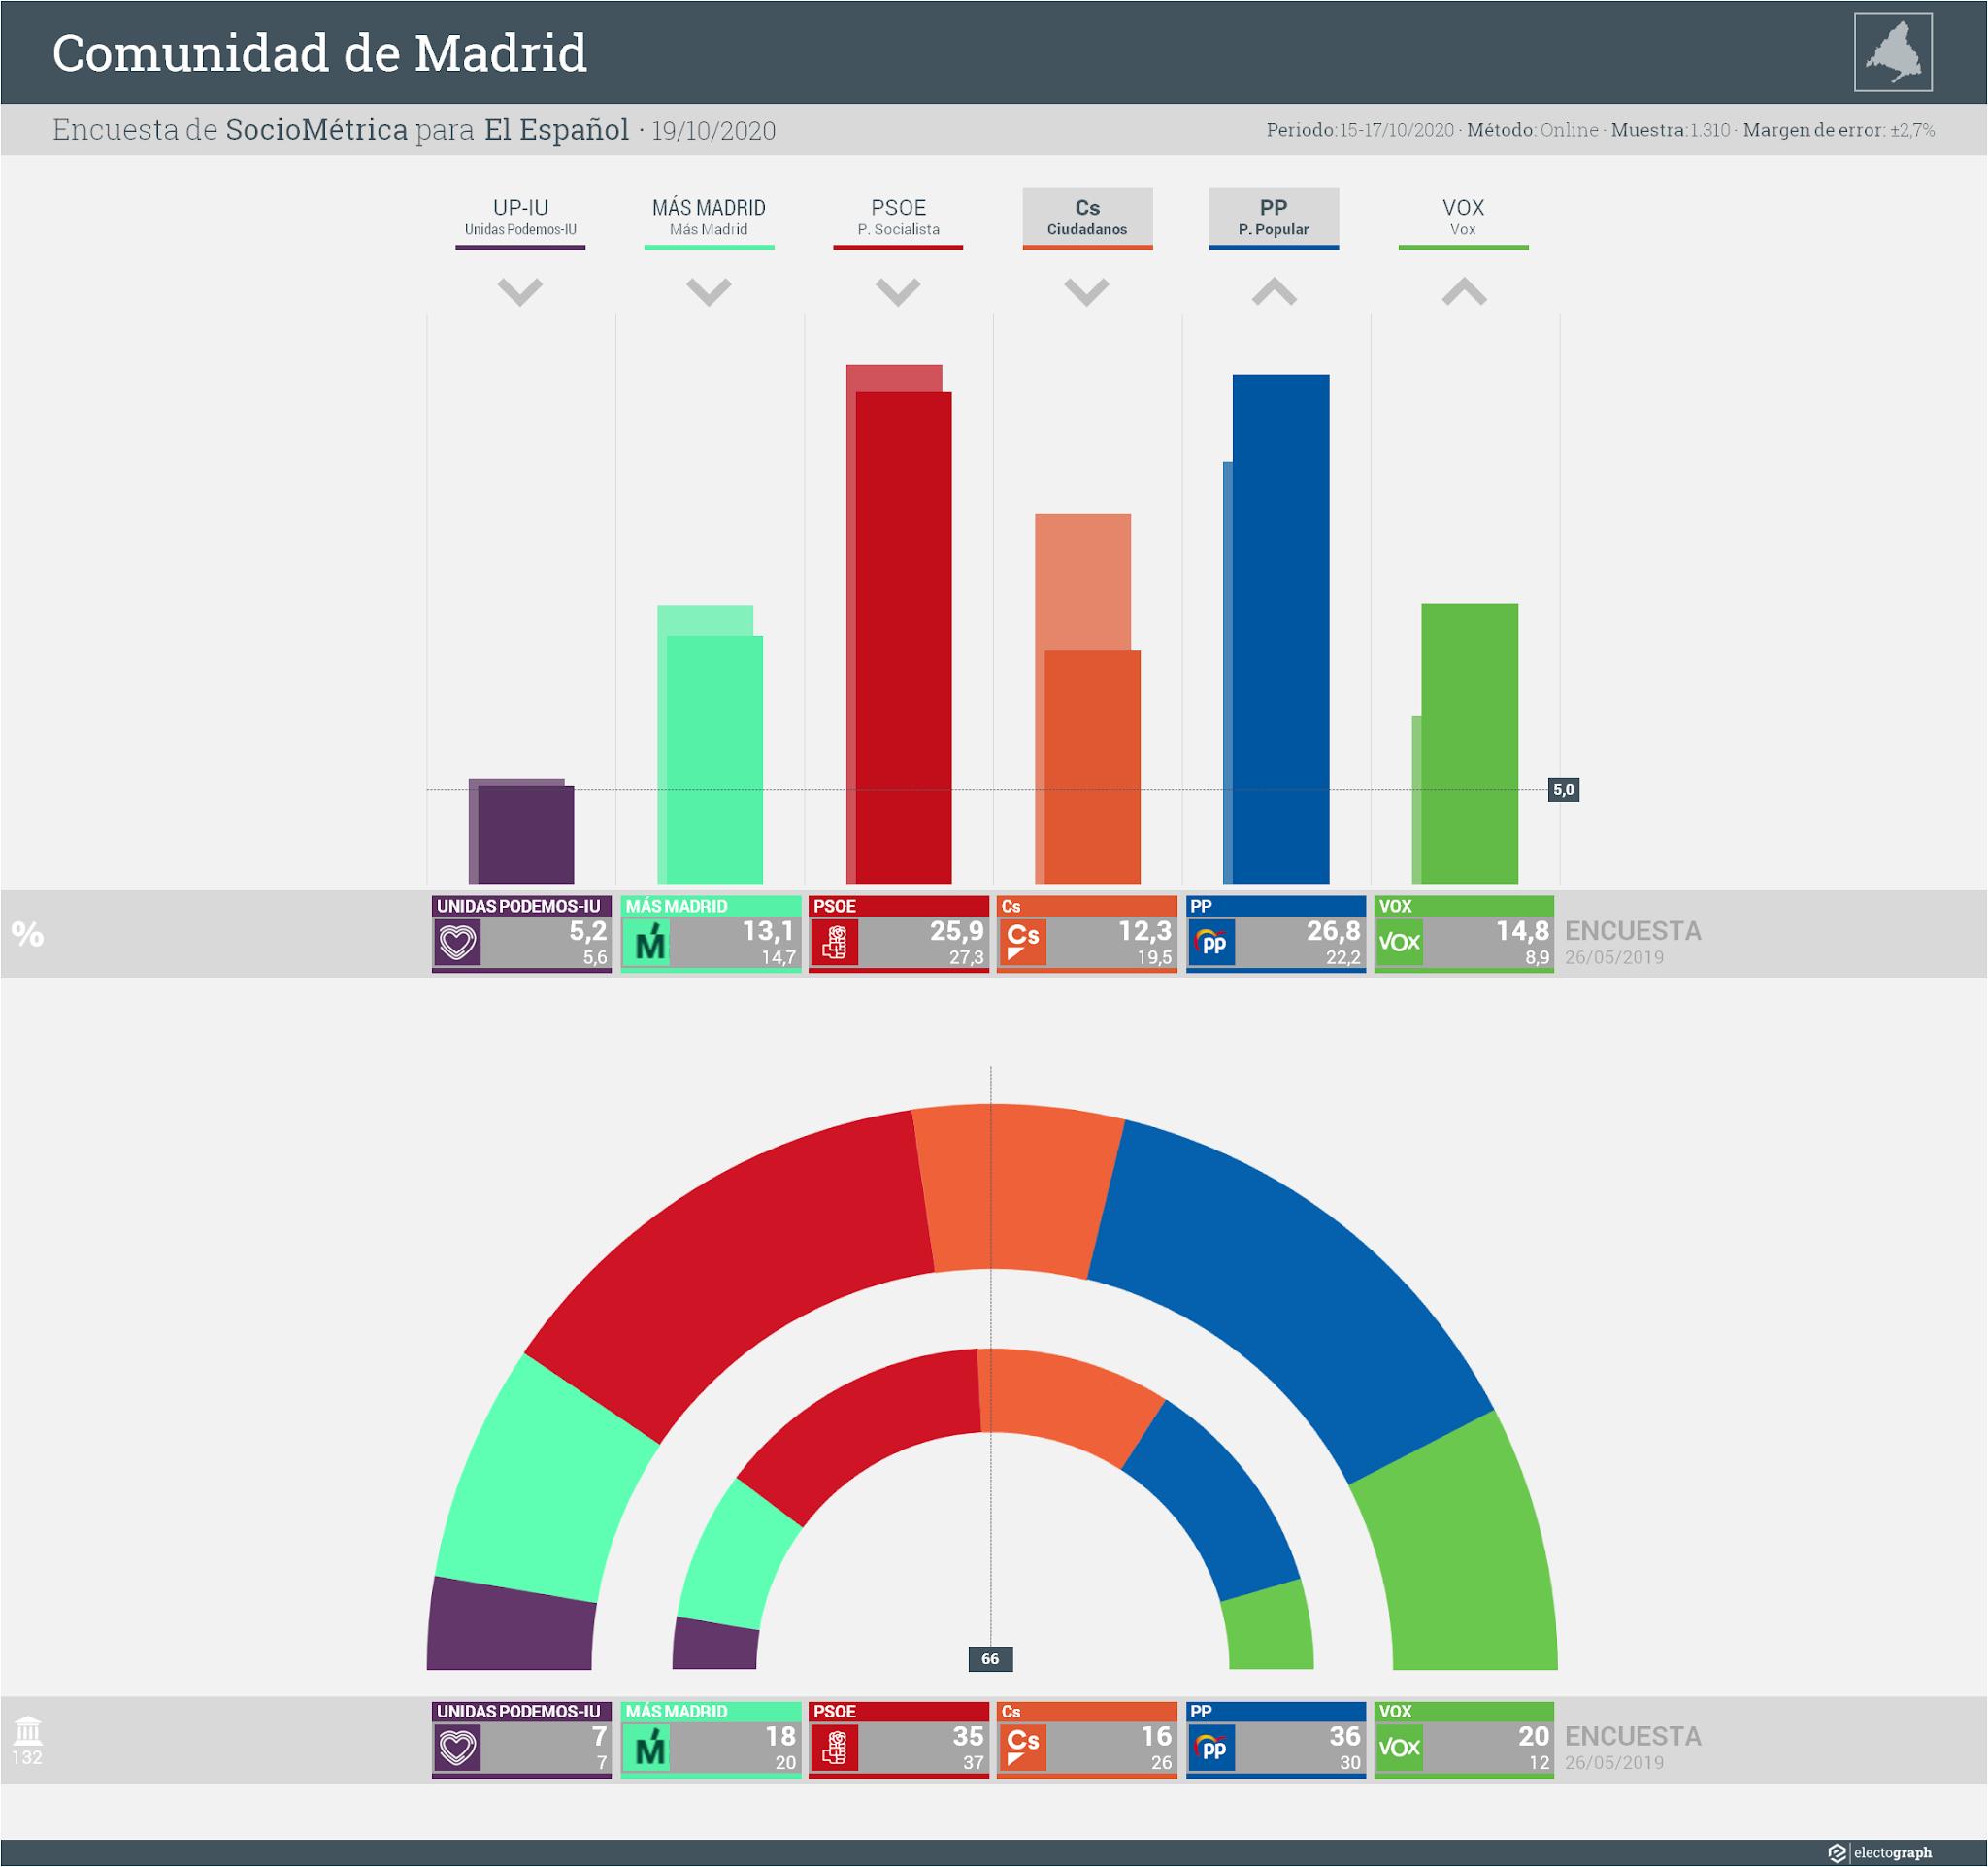 Gráfico de la encuesta para elecciones autonómicas en la Comunidad de Madrid realizada por SocioMétrica para El Español, 19 de octubre de 2020